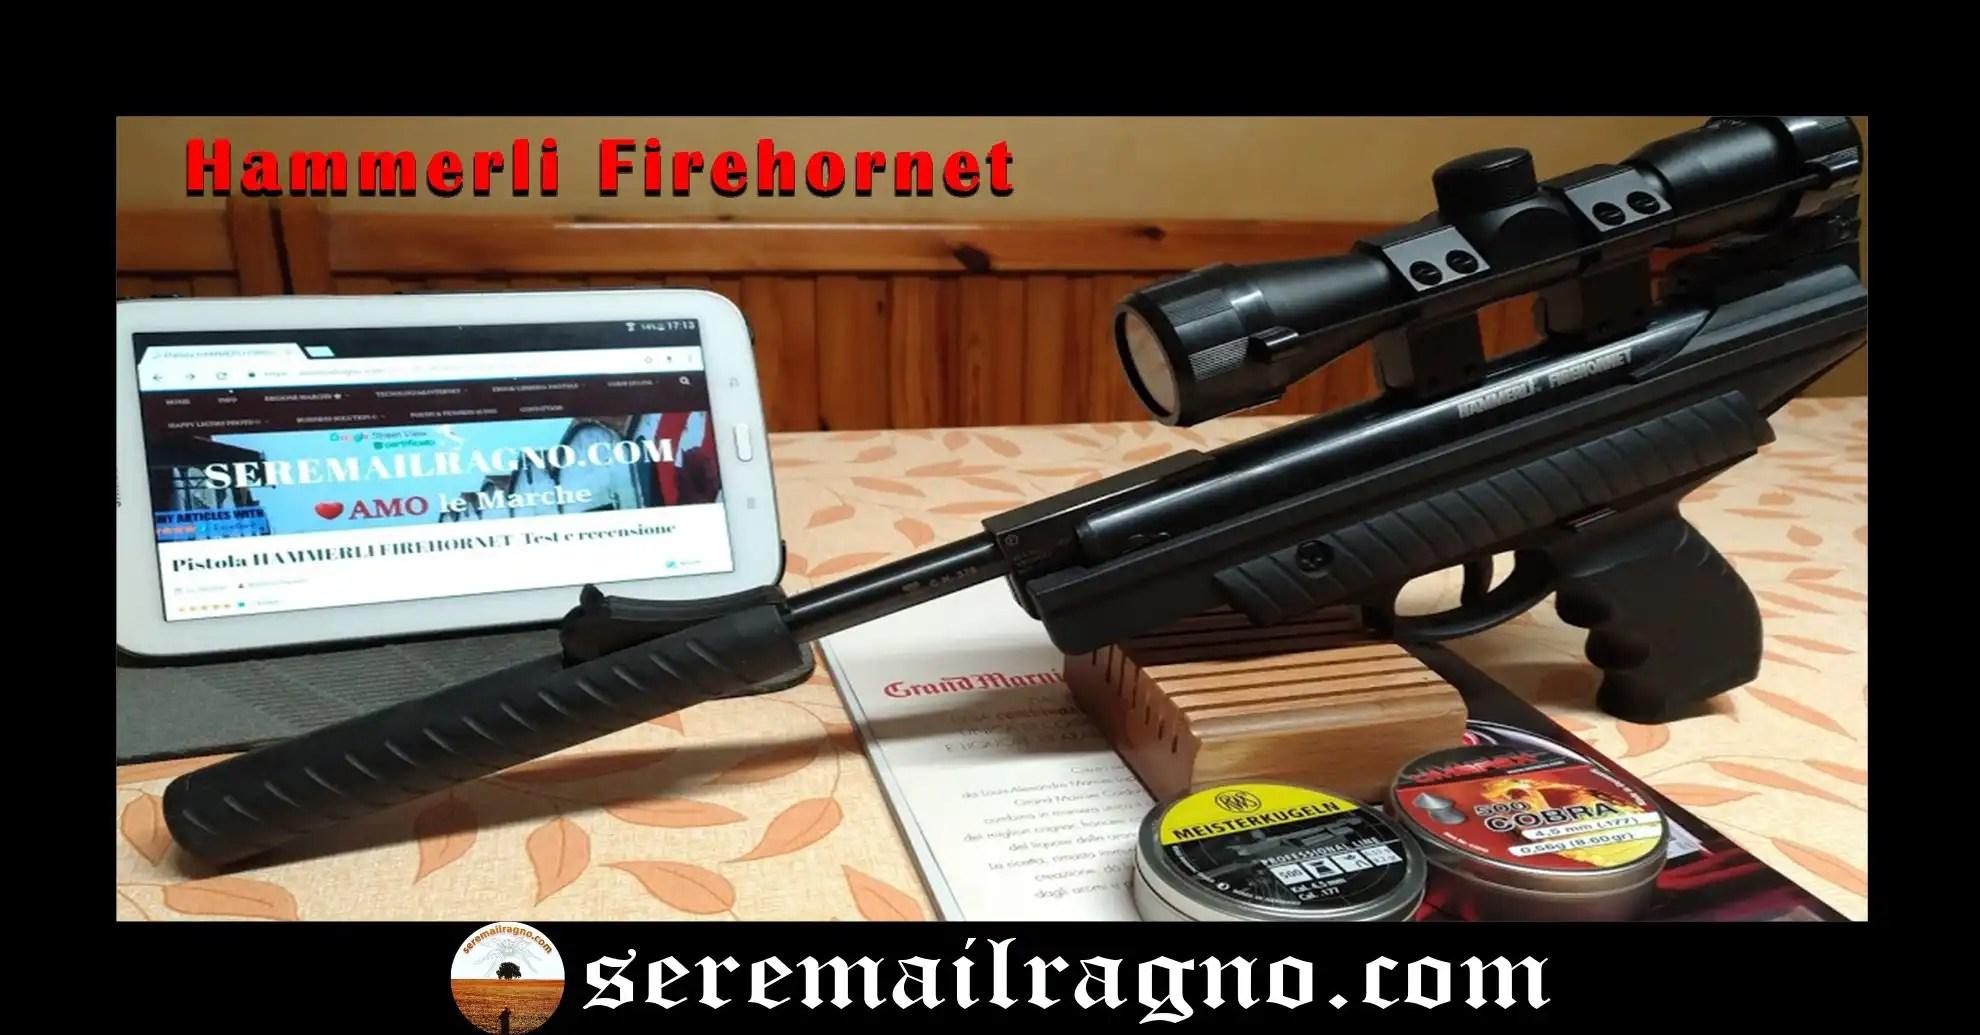 Pistola Hammerli Firehornet+Ottica